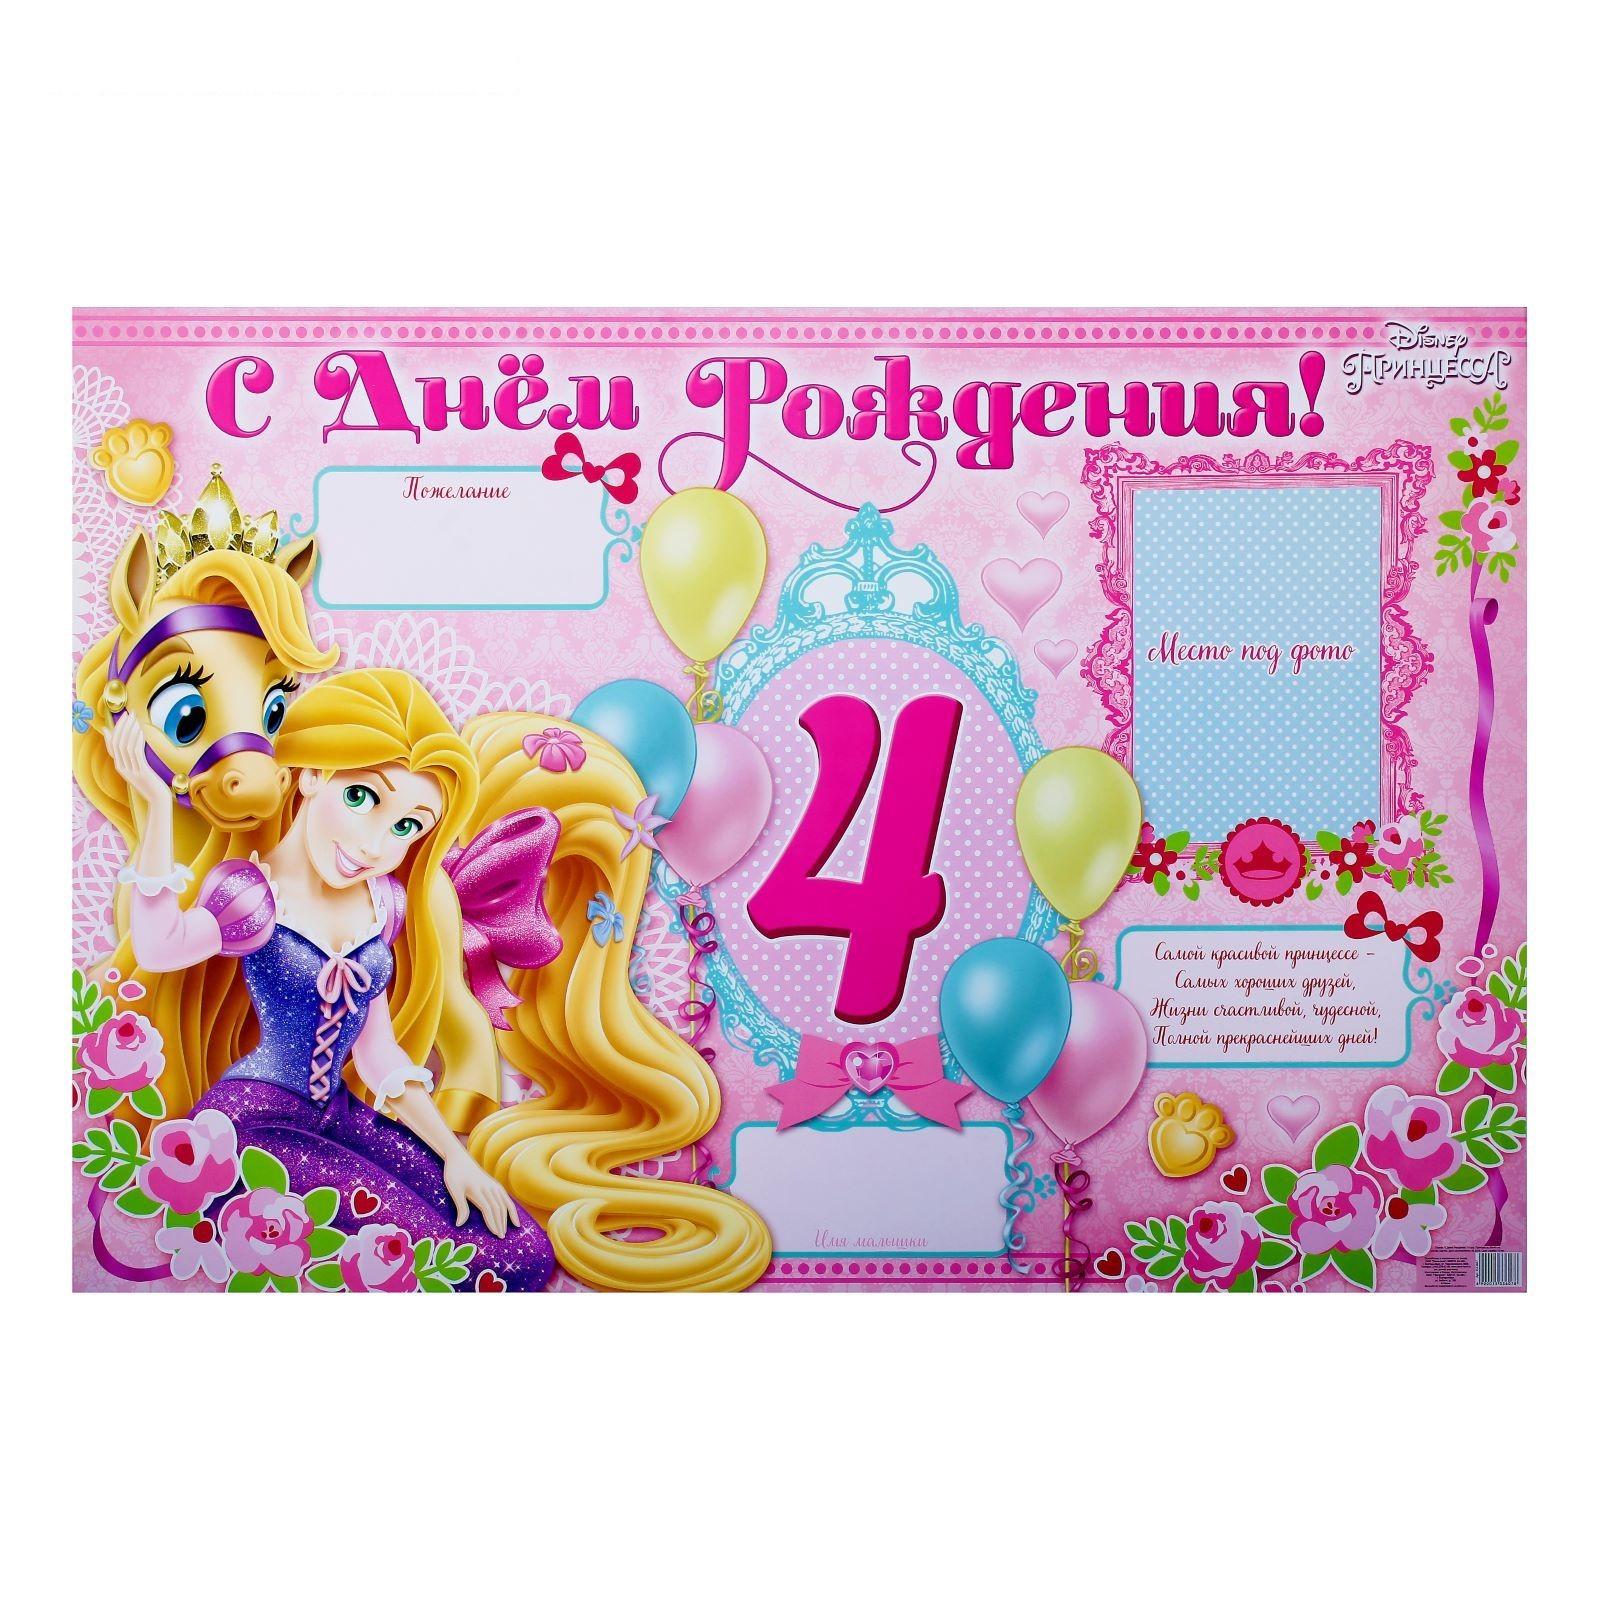 Поздравление с днем рождения для малышки 4 годика